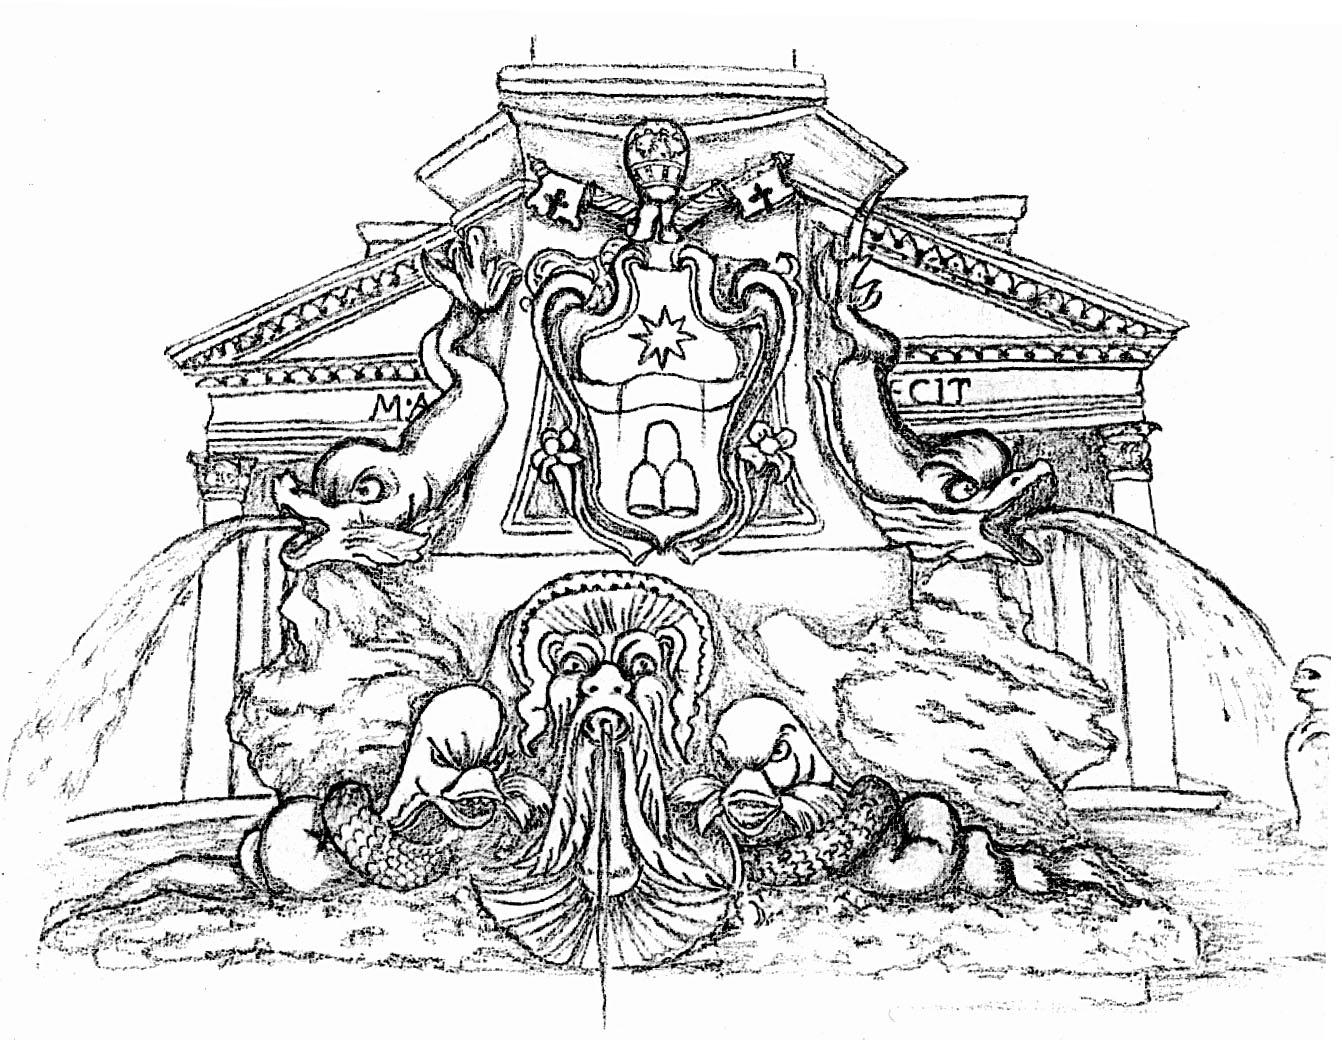 Fontane e chiese di roma e letture alternative fontana for Disegni di scantinati di sciopero